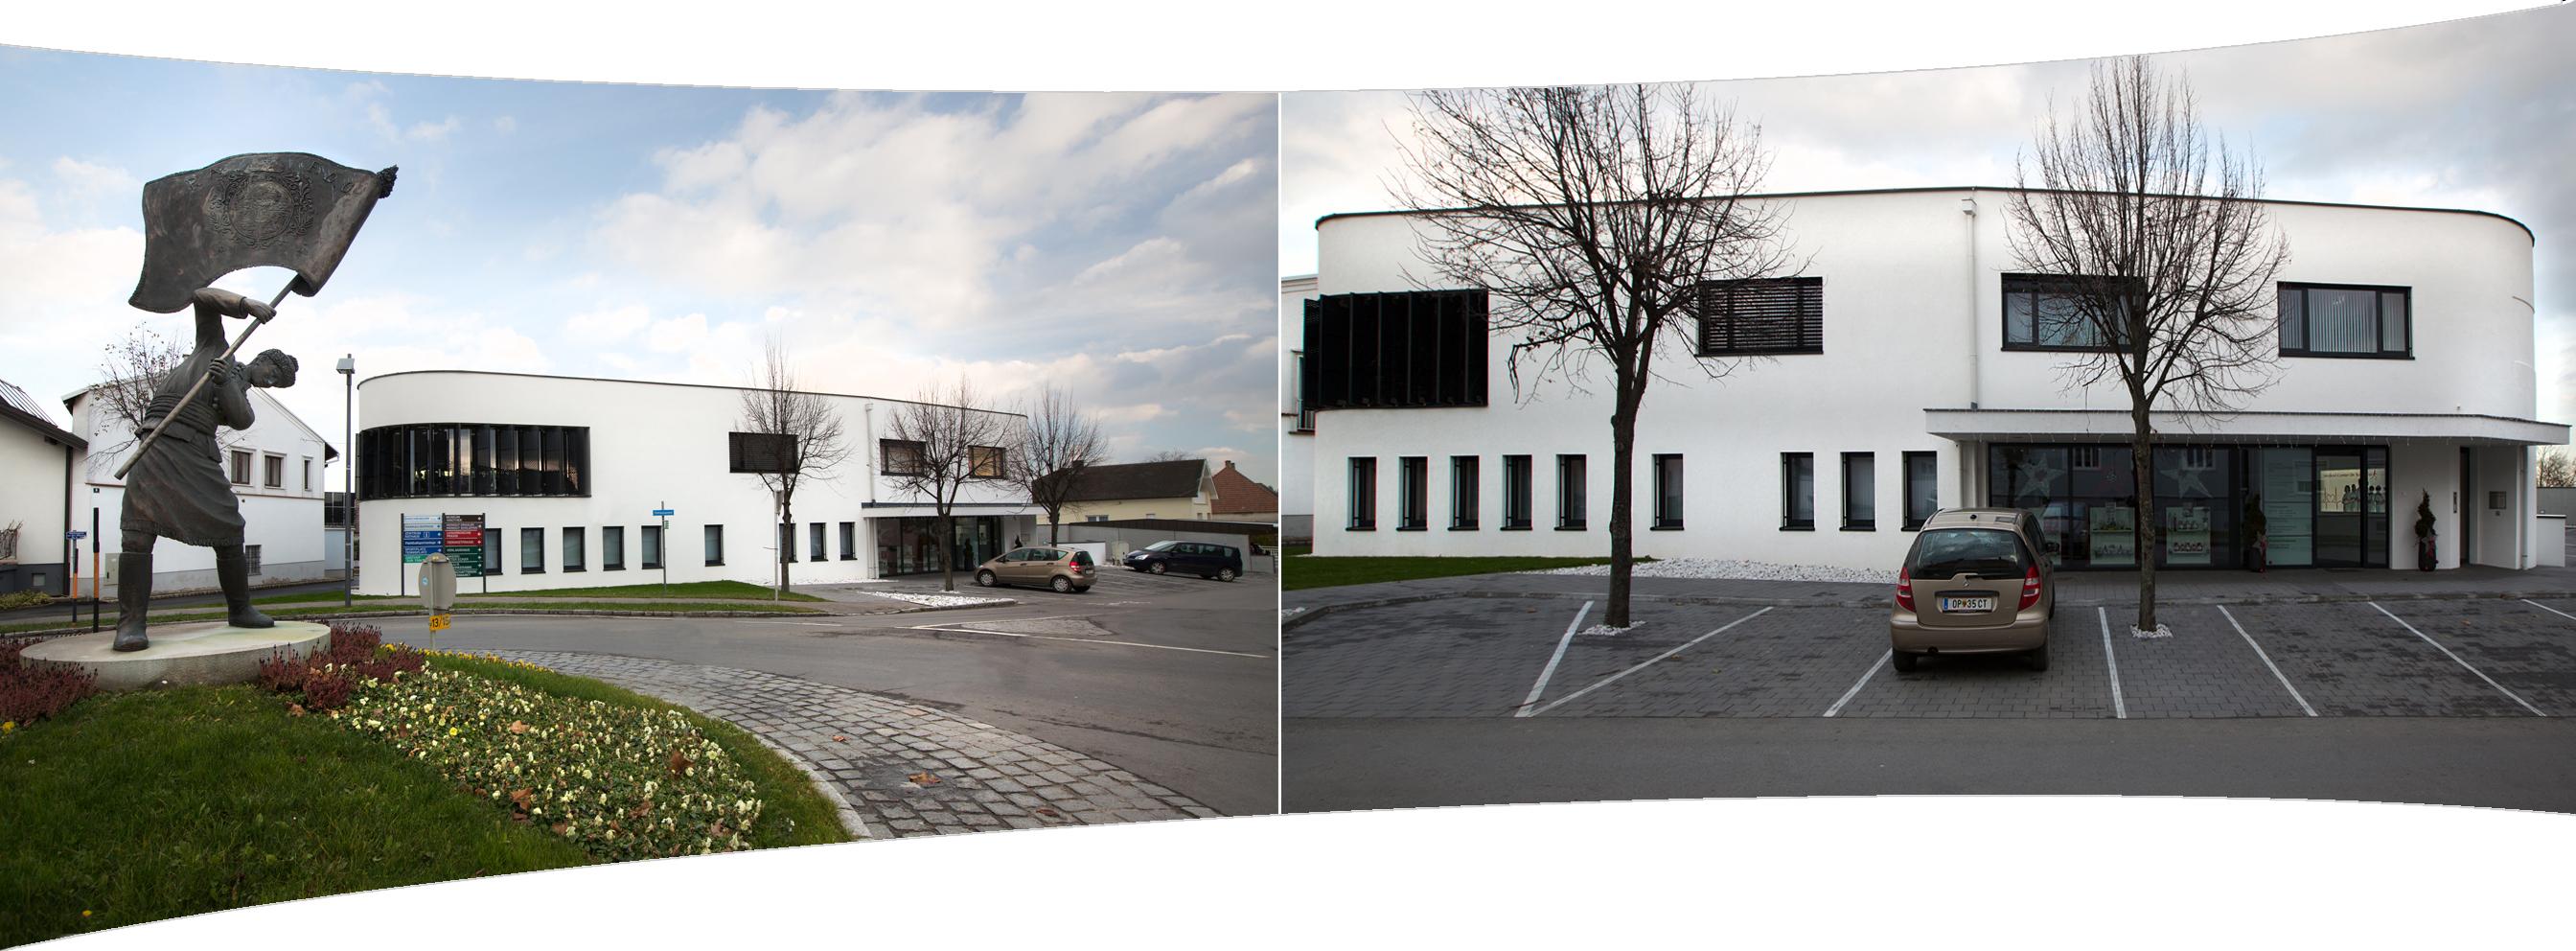 myno-banner-Architektur1_w-1